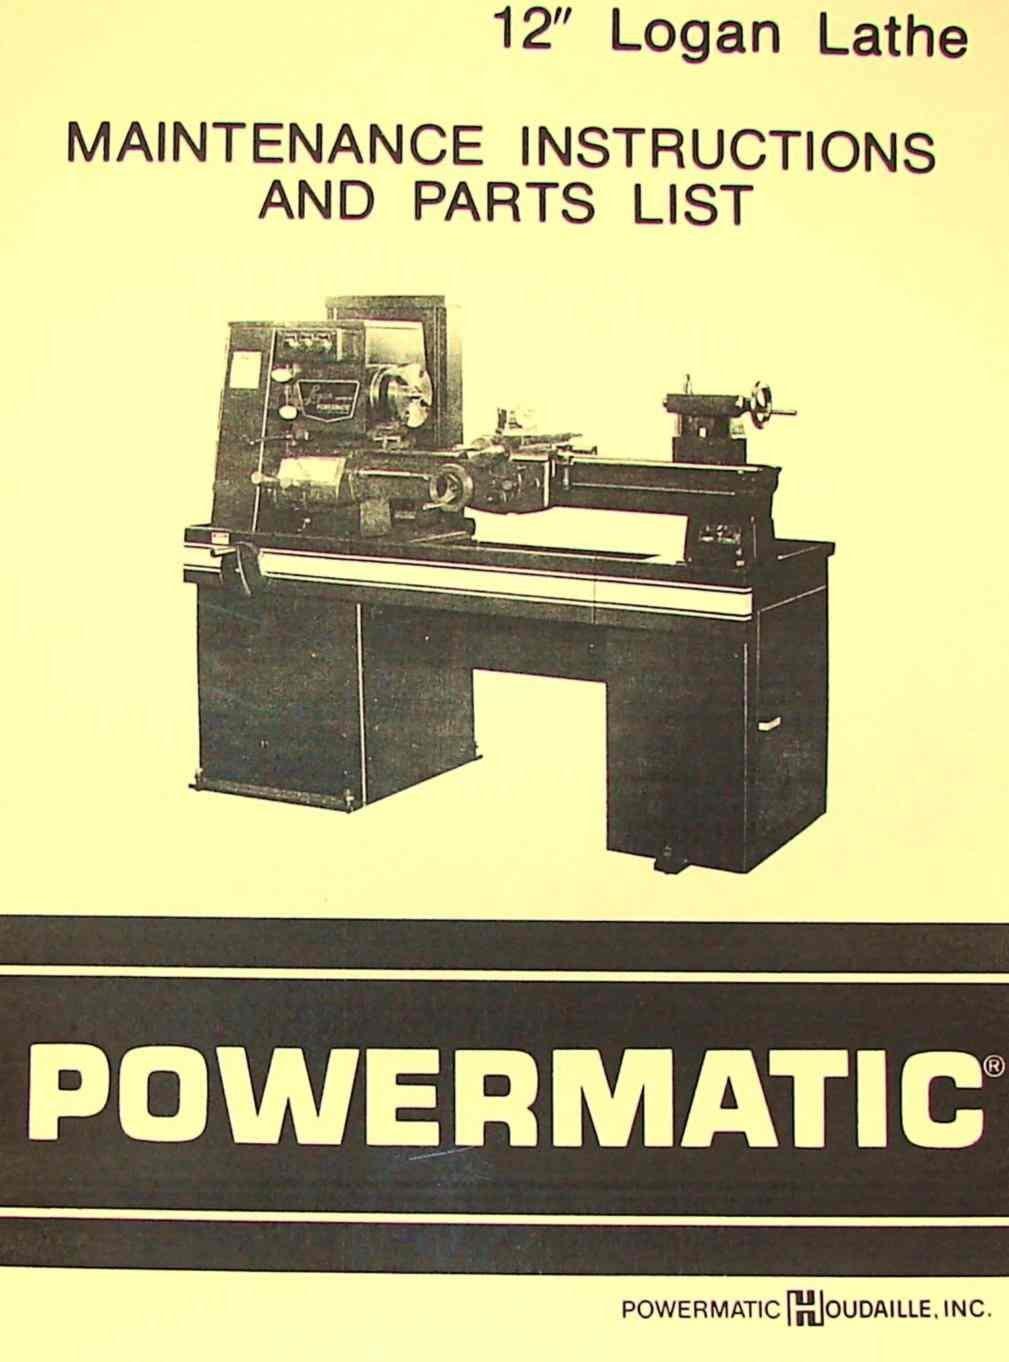 POWERMATIC-Logan 12